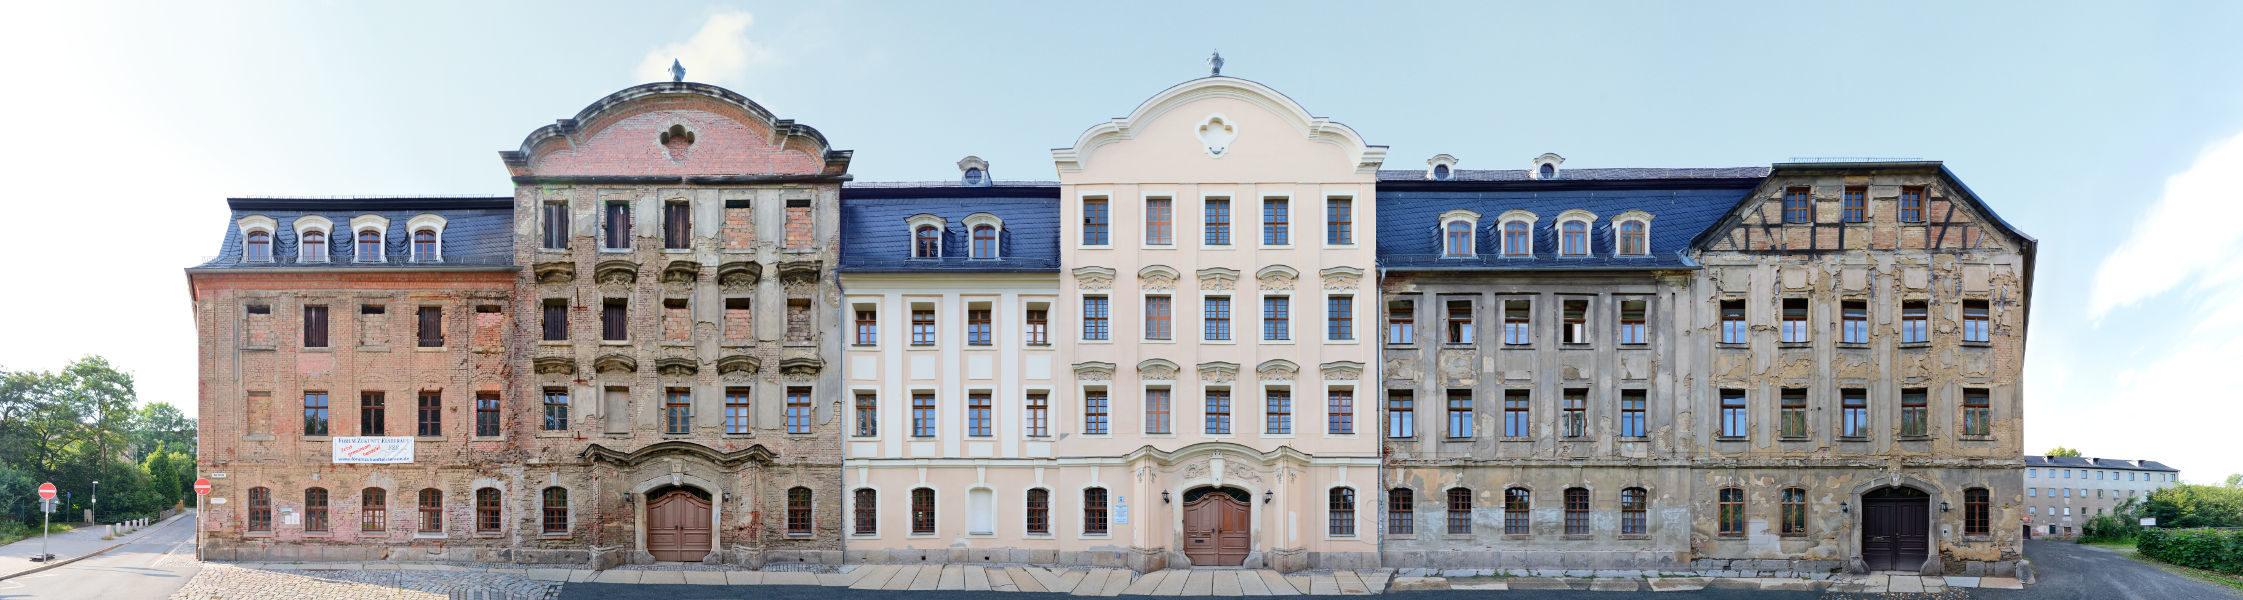 Weisbachsches Haus | Manufakturgebäude